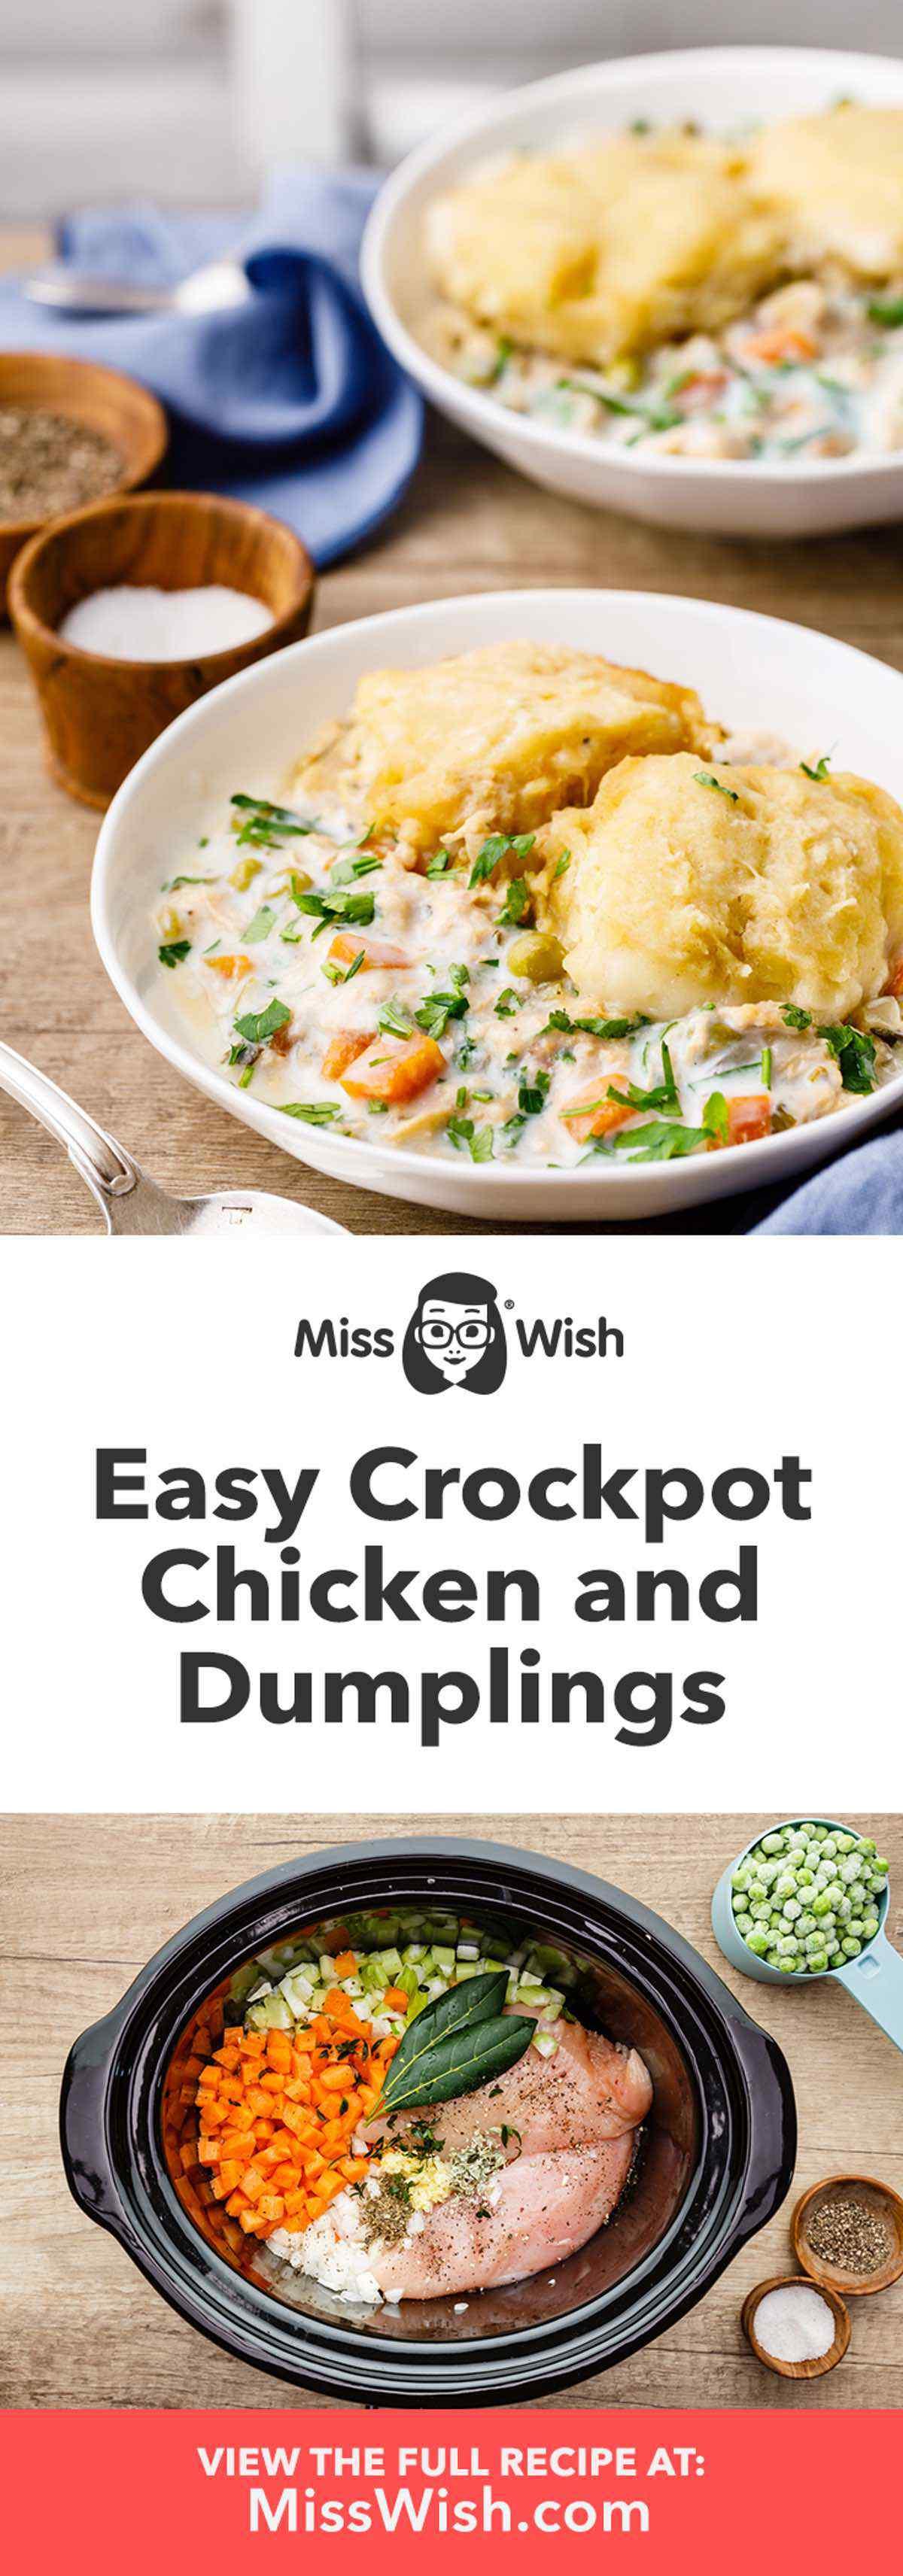 Homemade Crockpot Chicken and Dumplings